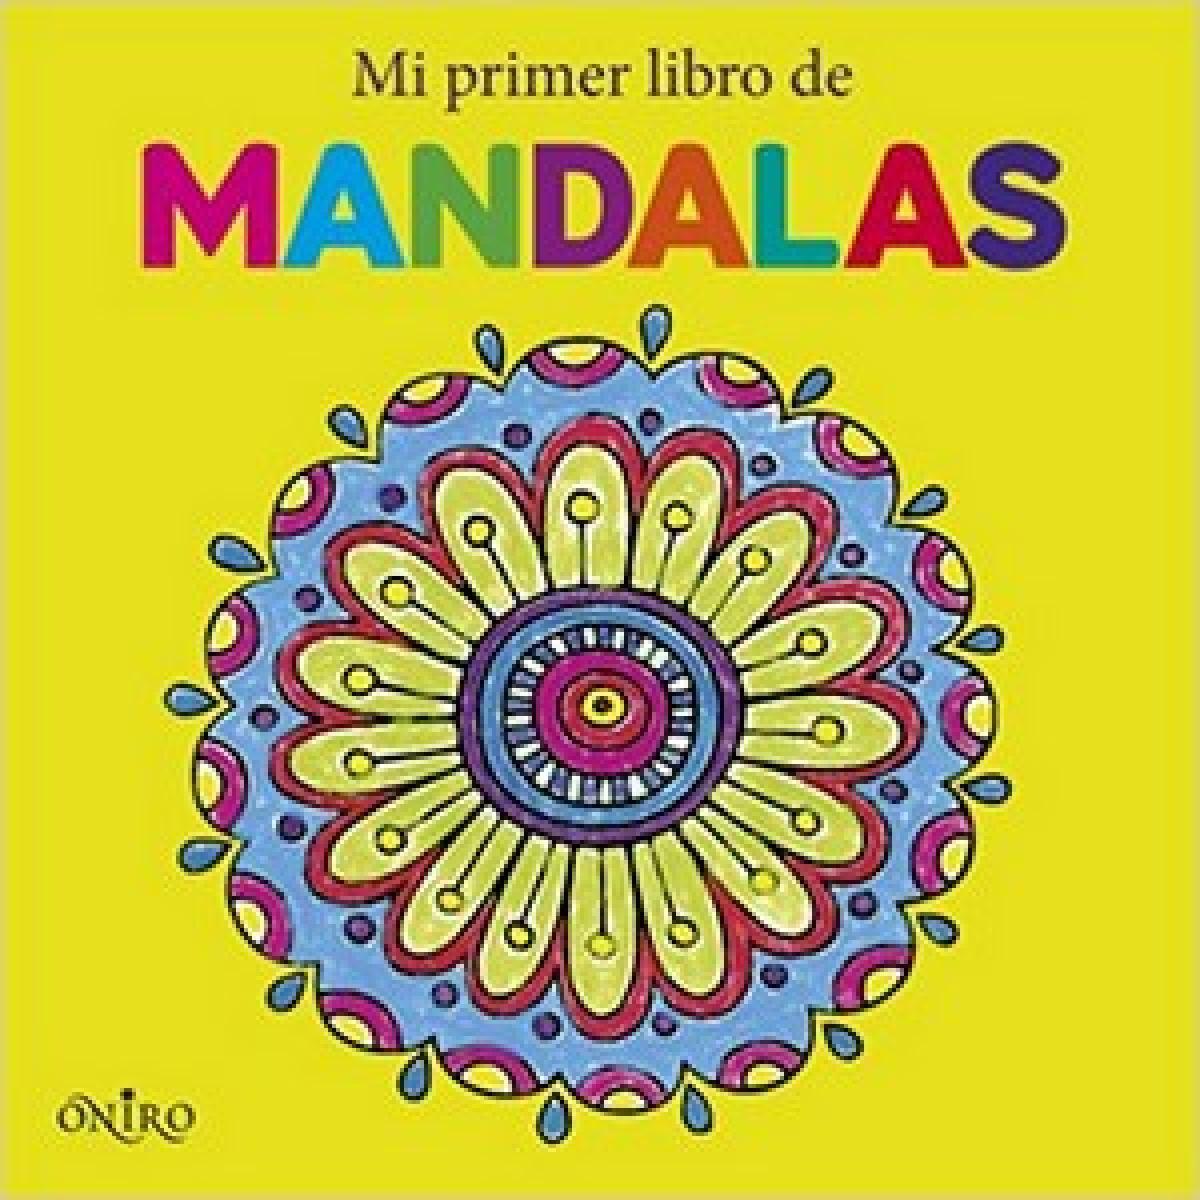 Las Mejores Webs Con Mandalas Gratis Para Imprimir Life